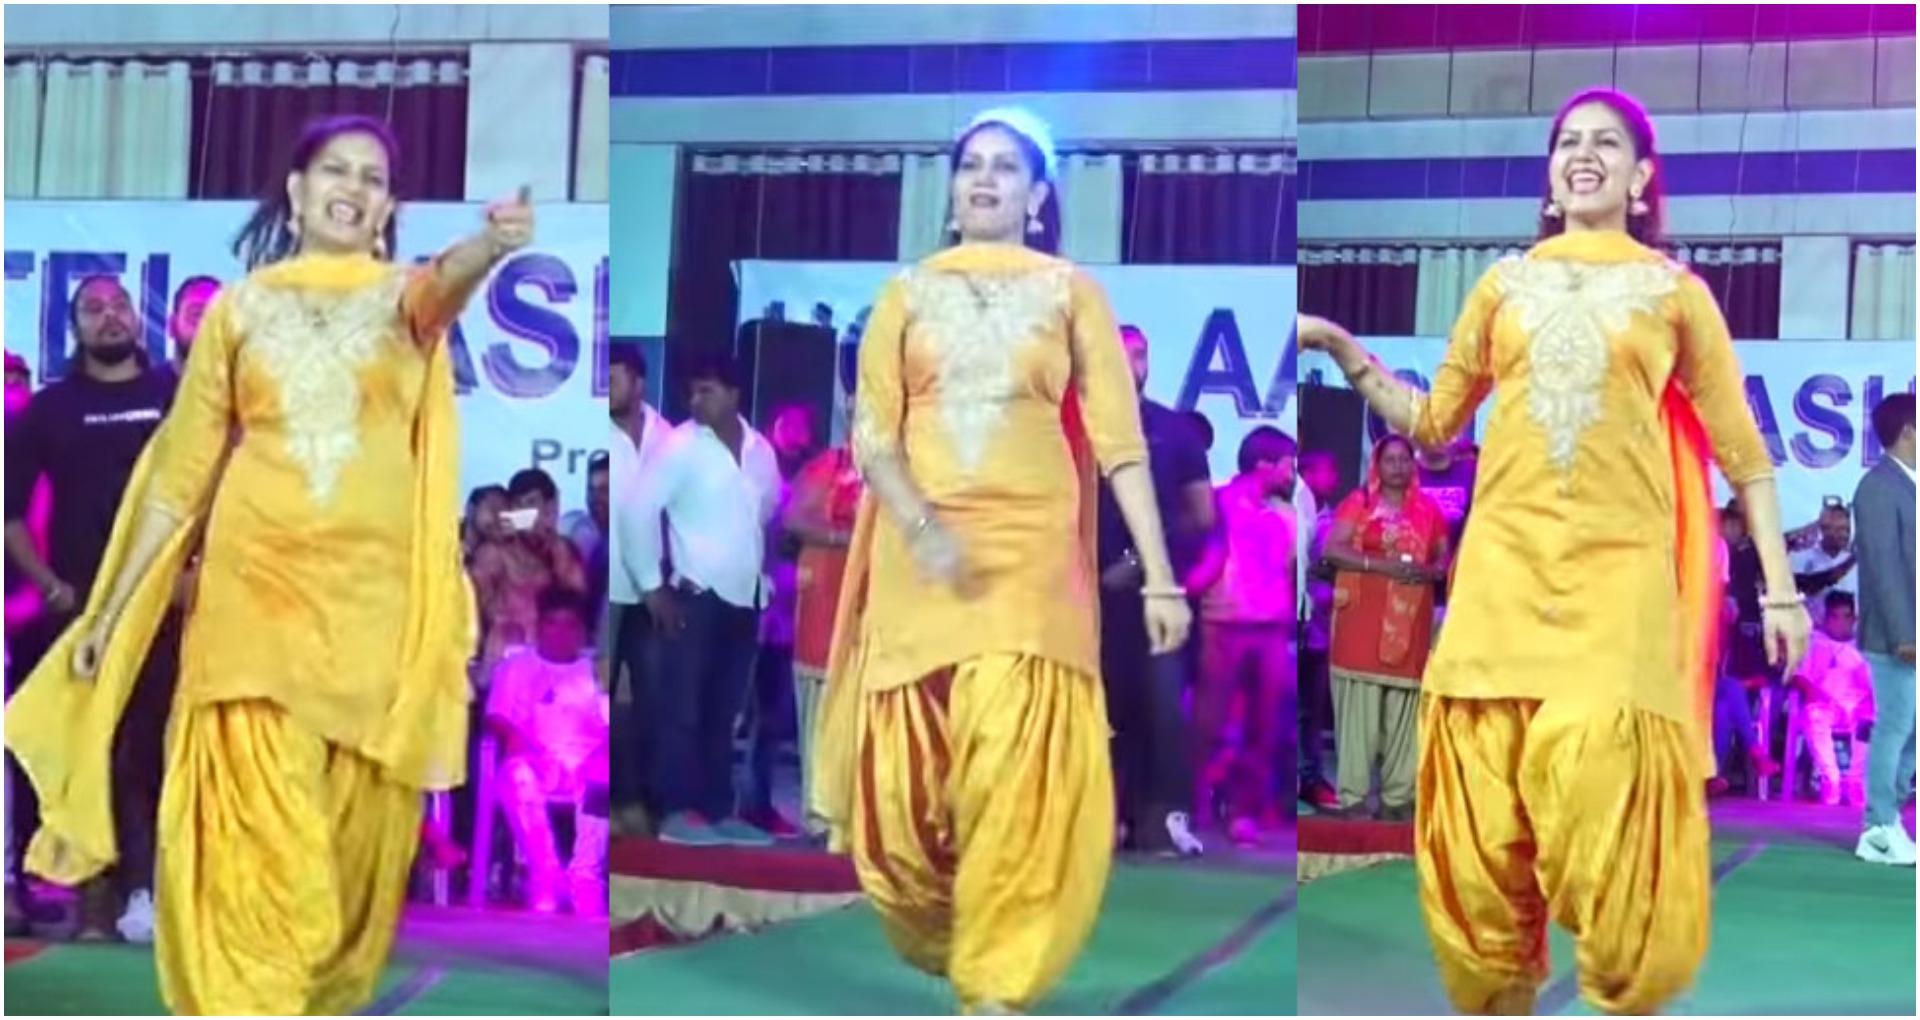 Sapna Choudhary Dance Video: सपना चौधरी ने 'गजबण पानी ने चाली' गाने पर लगाया तड़का, देखें वीडियो